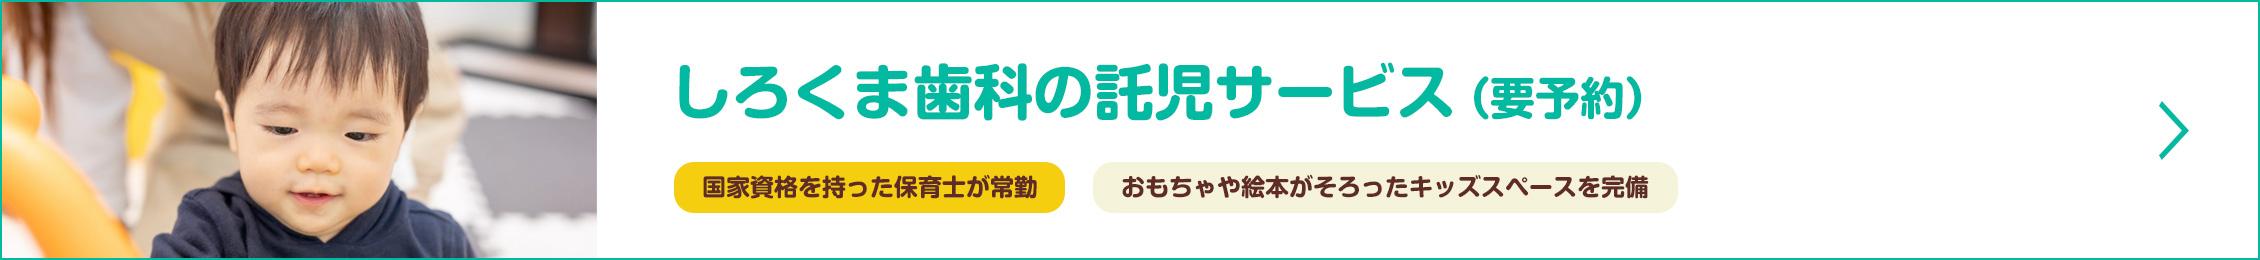 しろくま歯科の託児サービス(要予約)